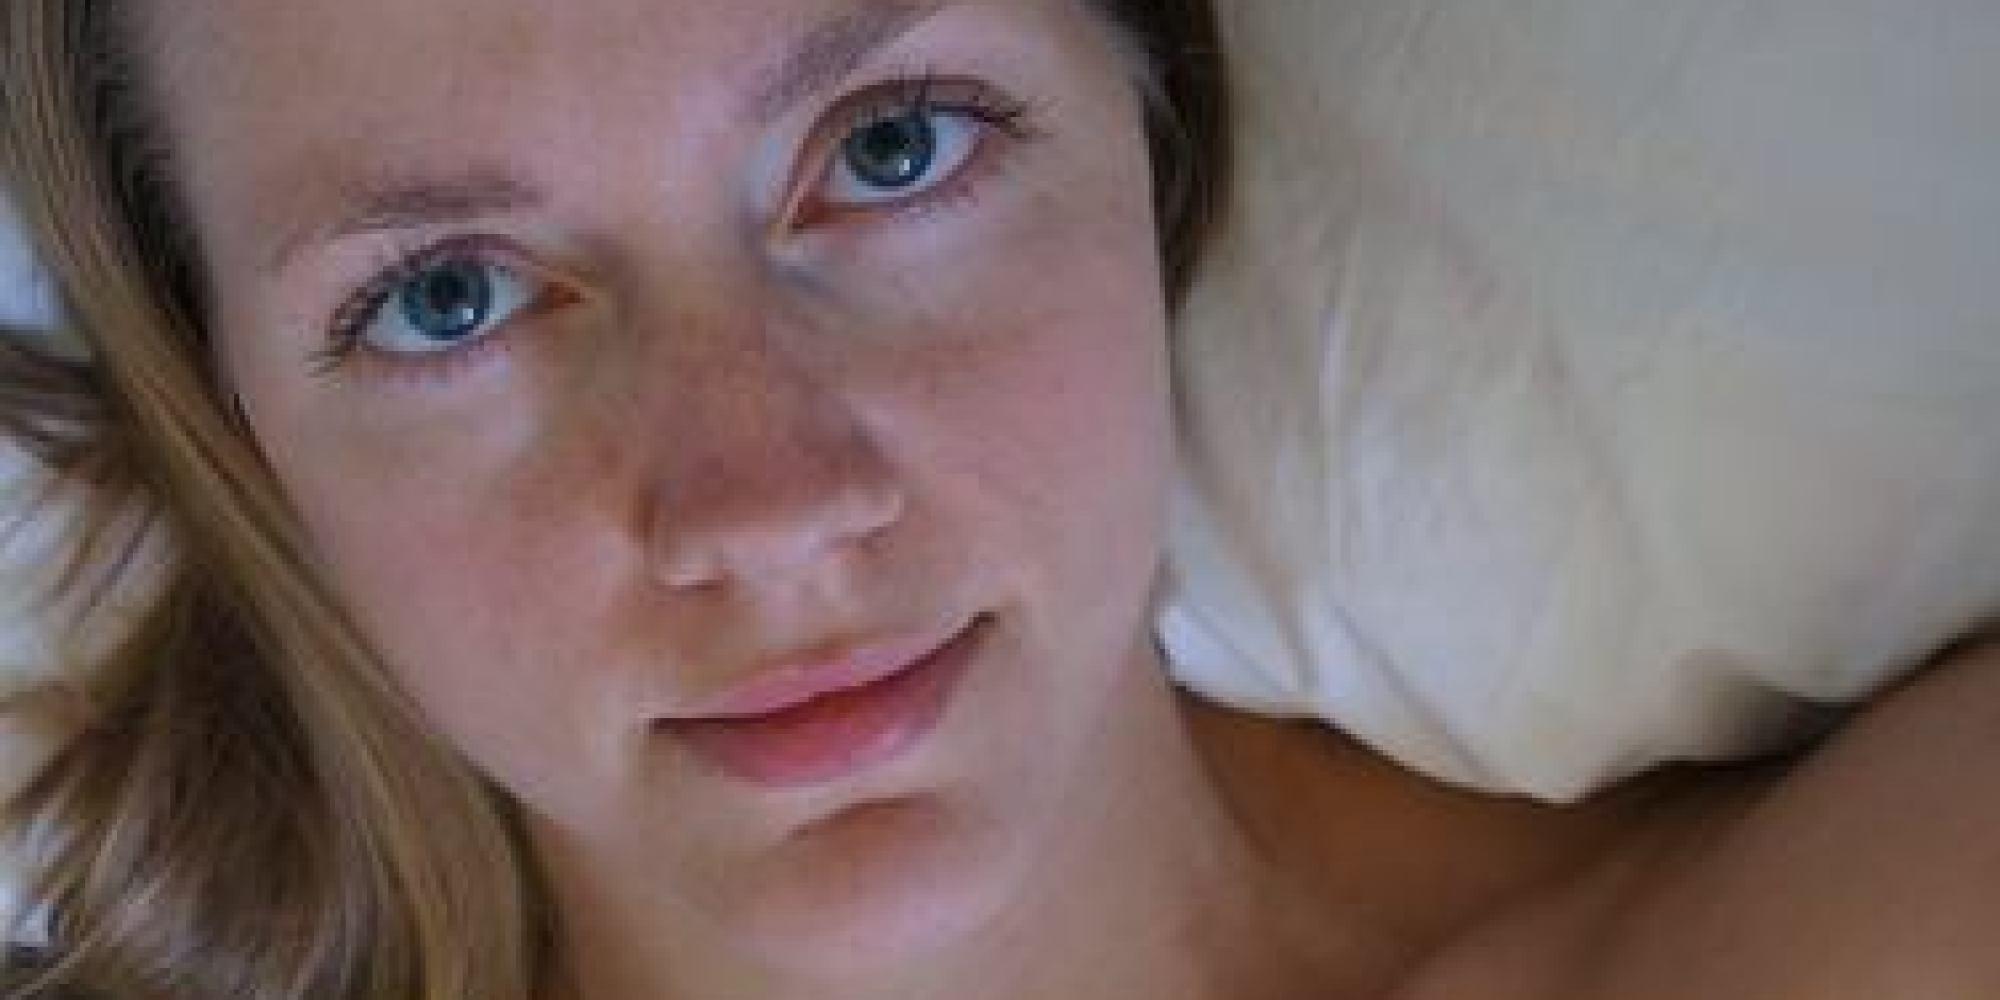 speed porn video movie uncensored online